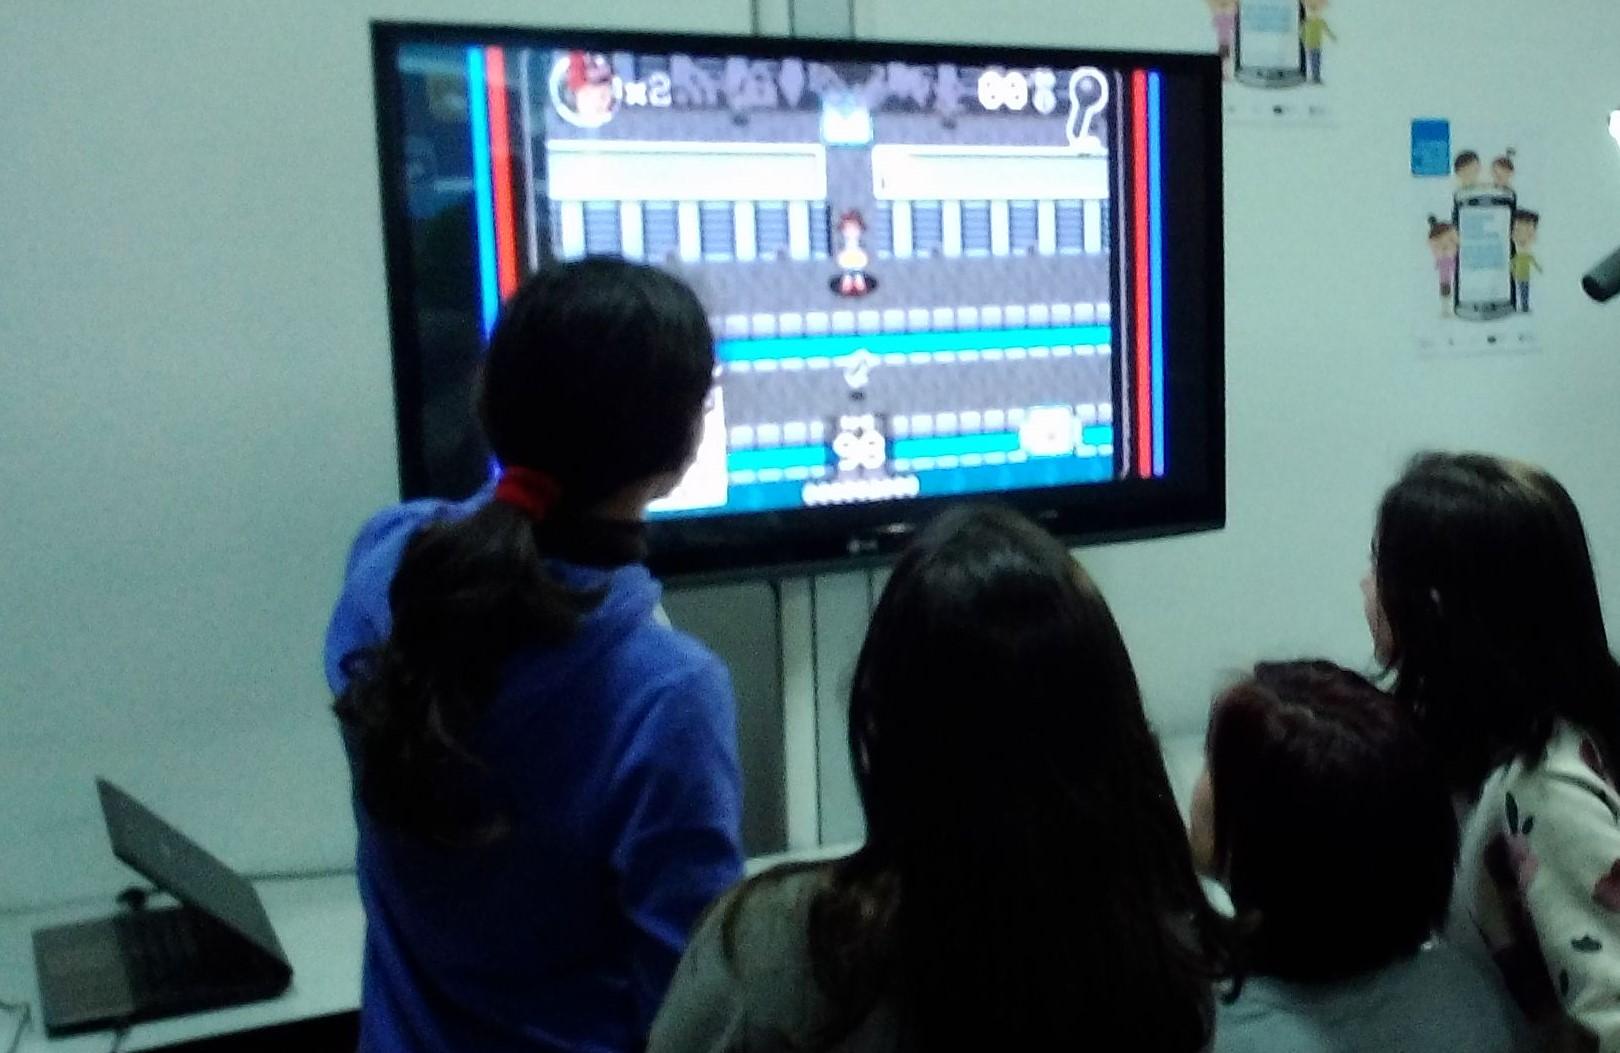 Jornada-padres-y-madres-educando-en-igualdad-mando-arcade